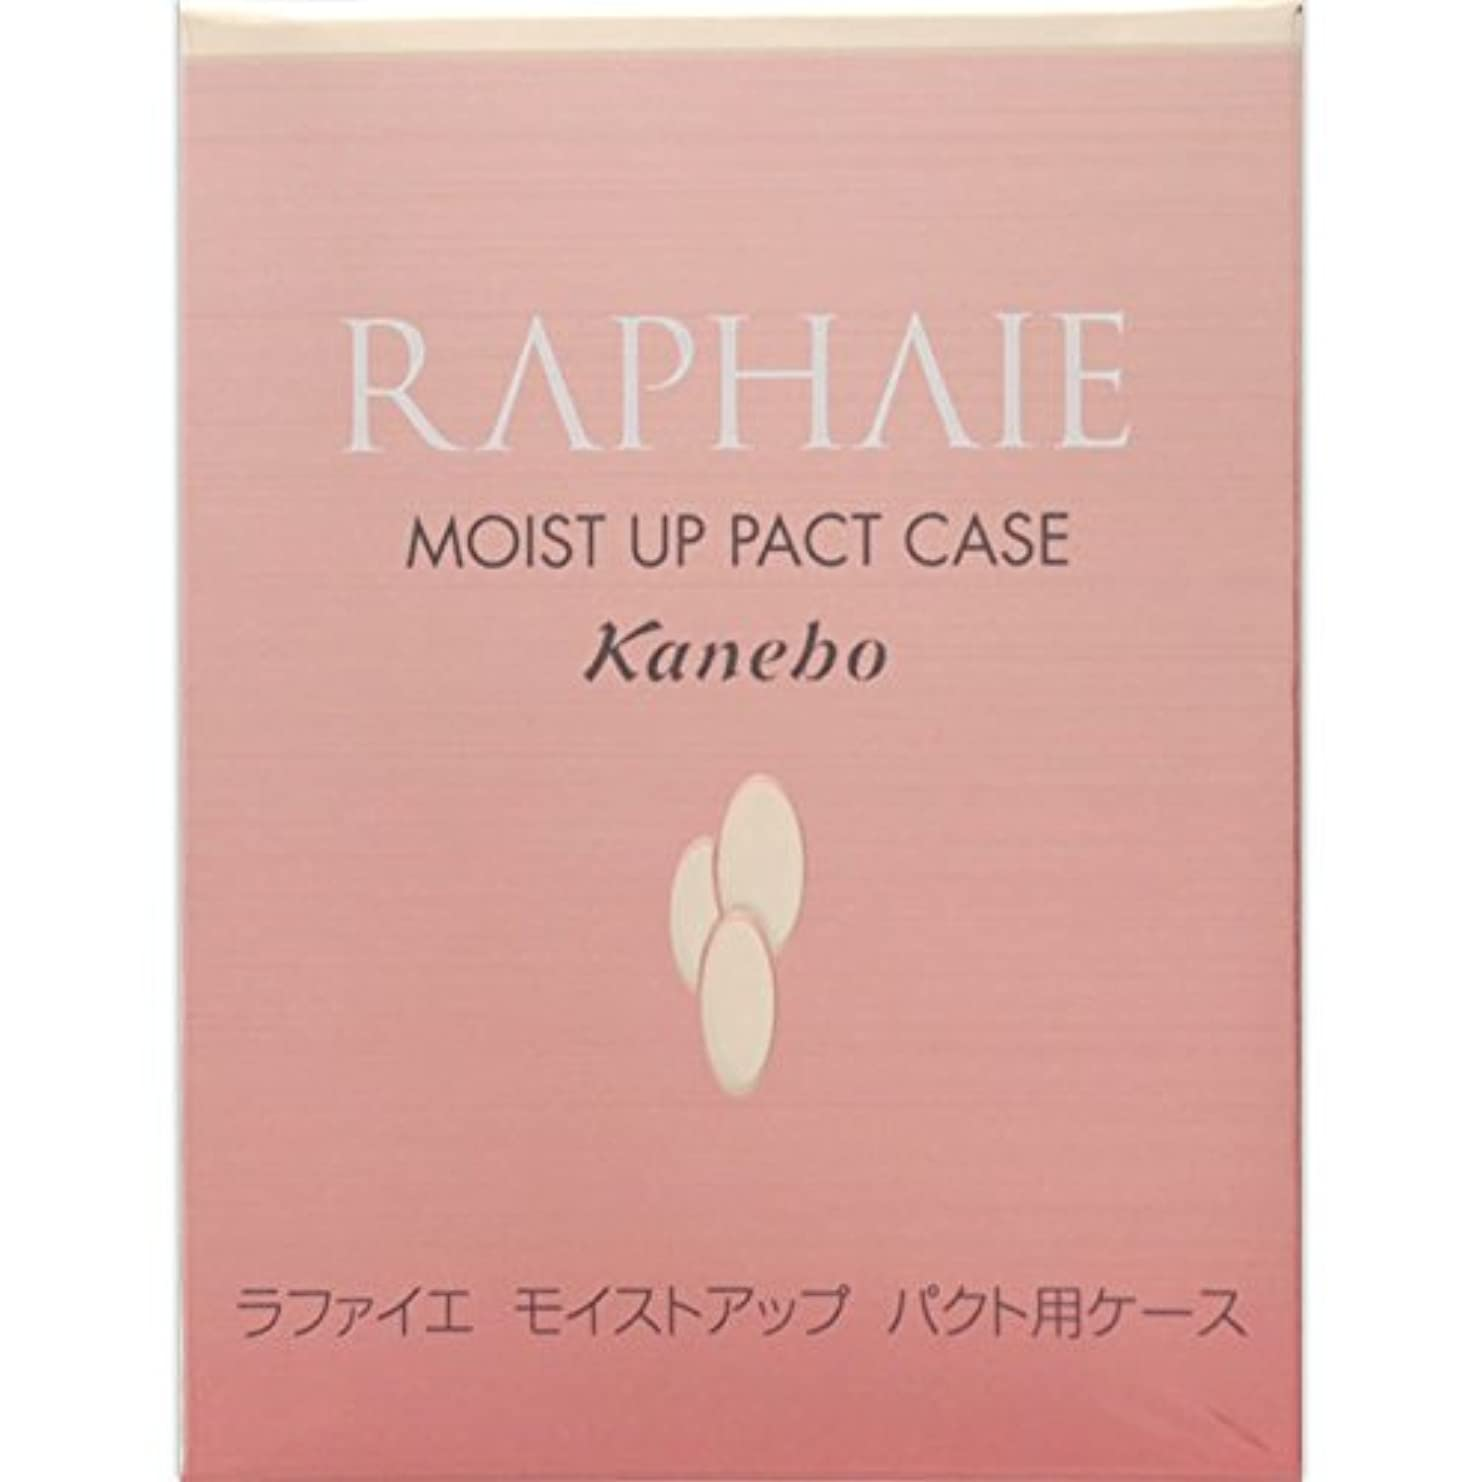 することになっている測定王位【カネボウ化粧品】ラファイエ(RAPHAIE)モイストアップ パクト用ケース